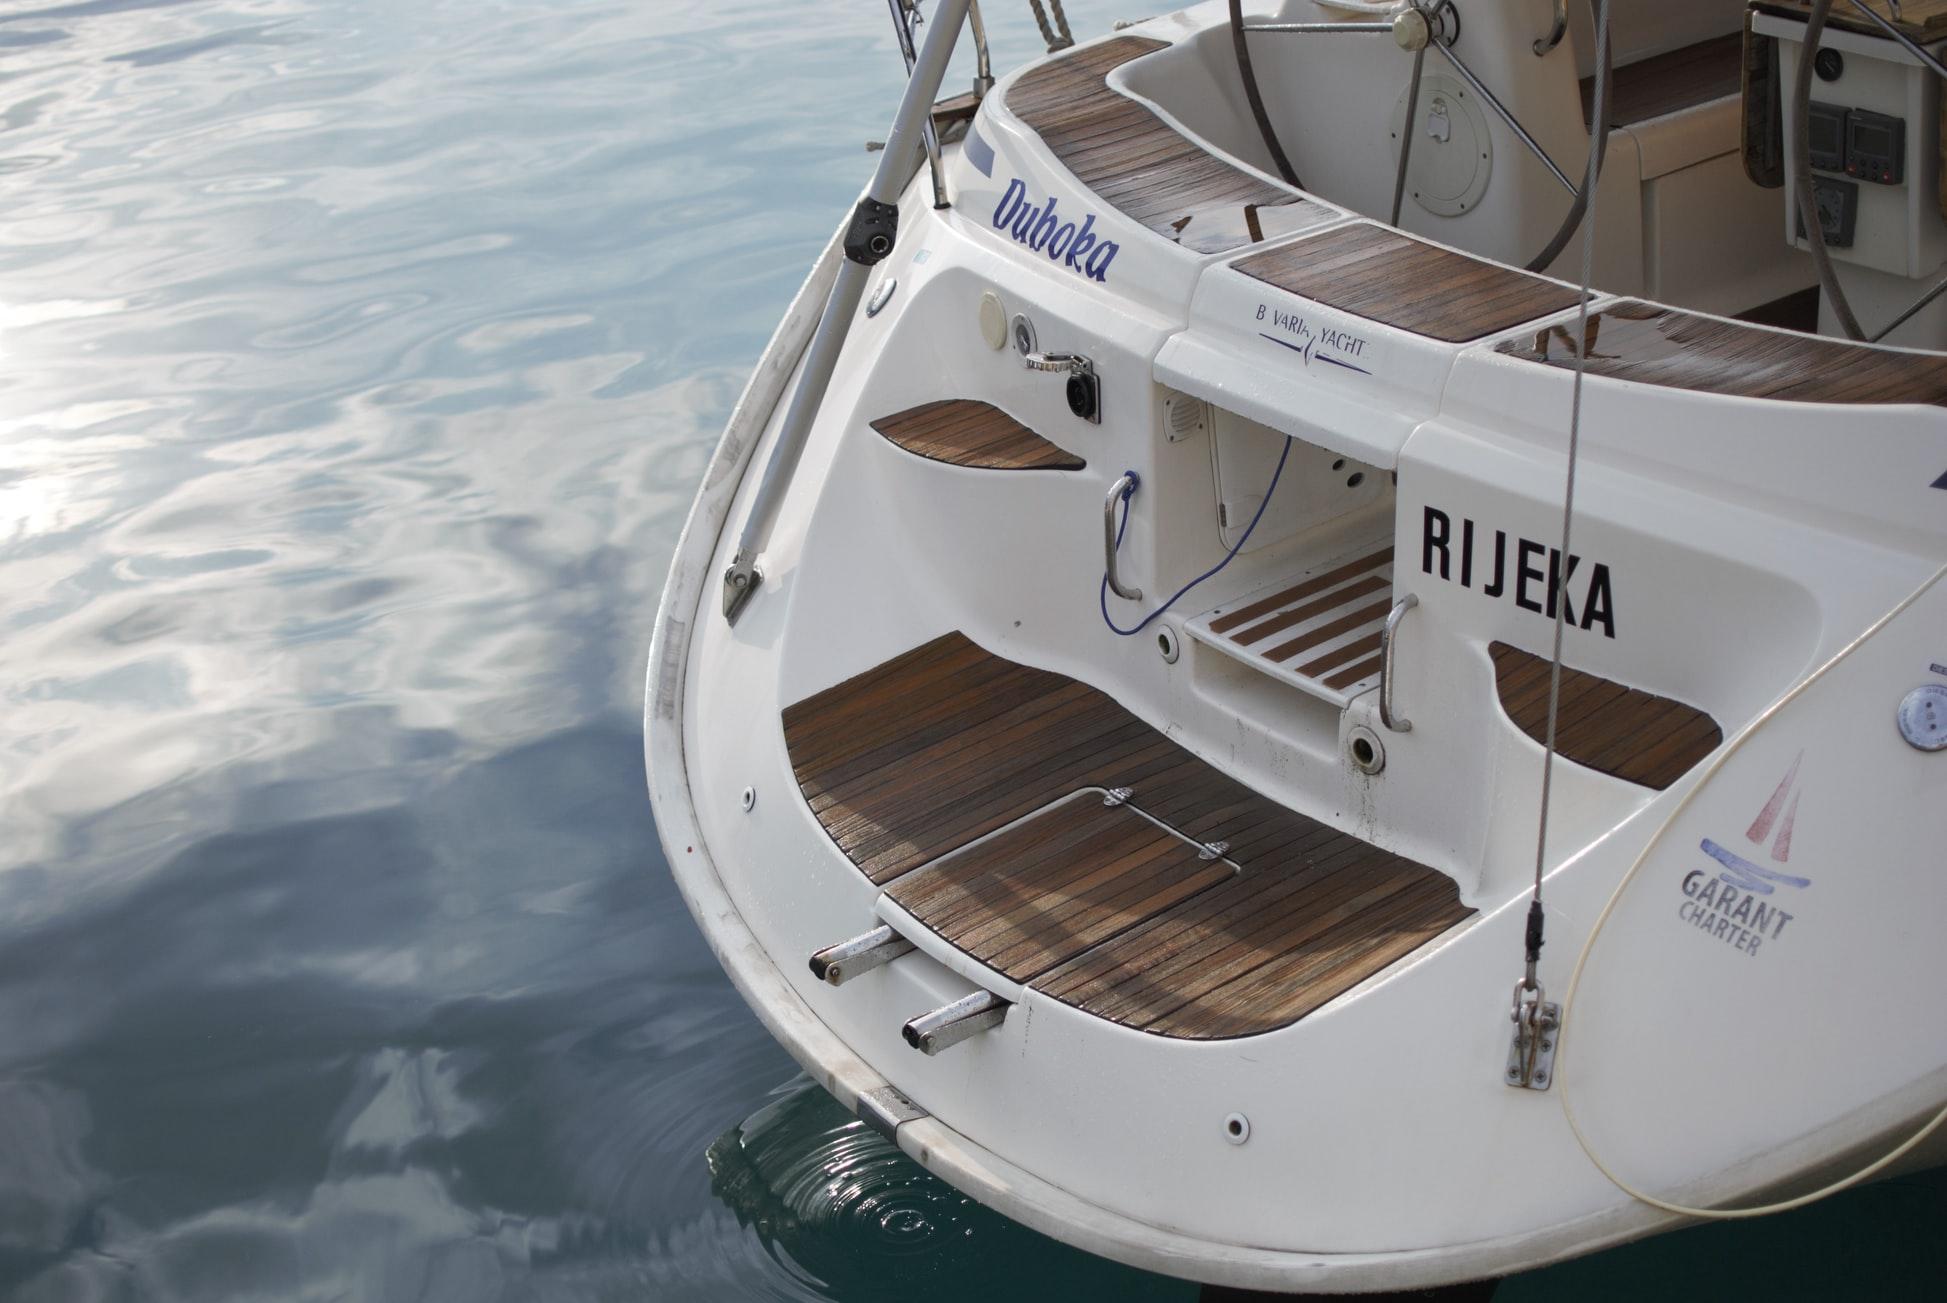 GripKote for boat decks